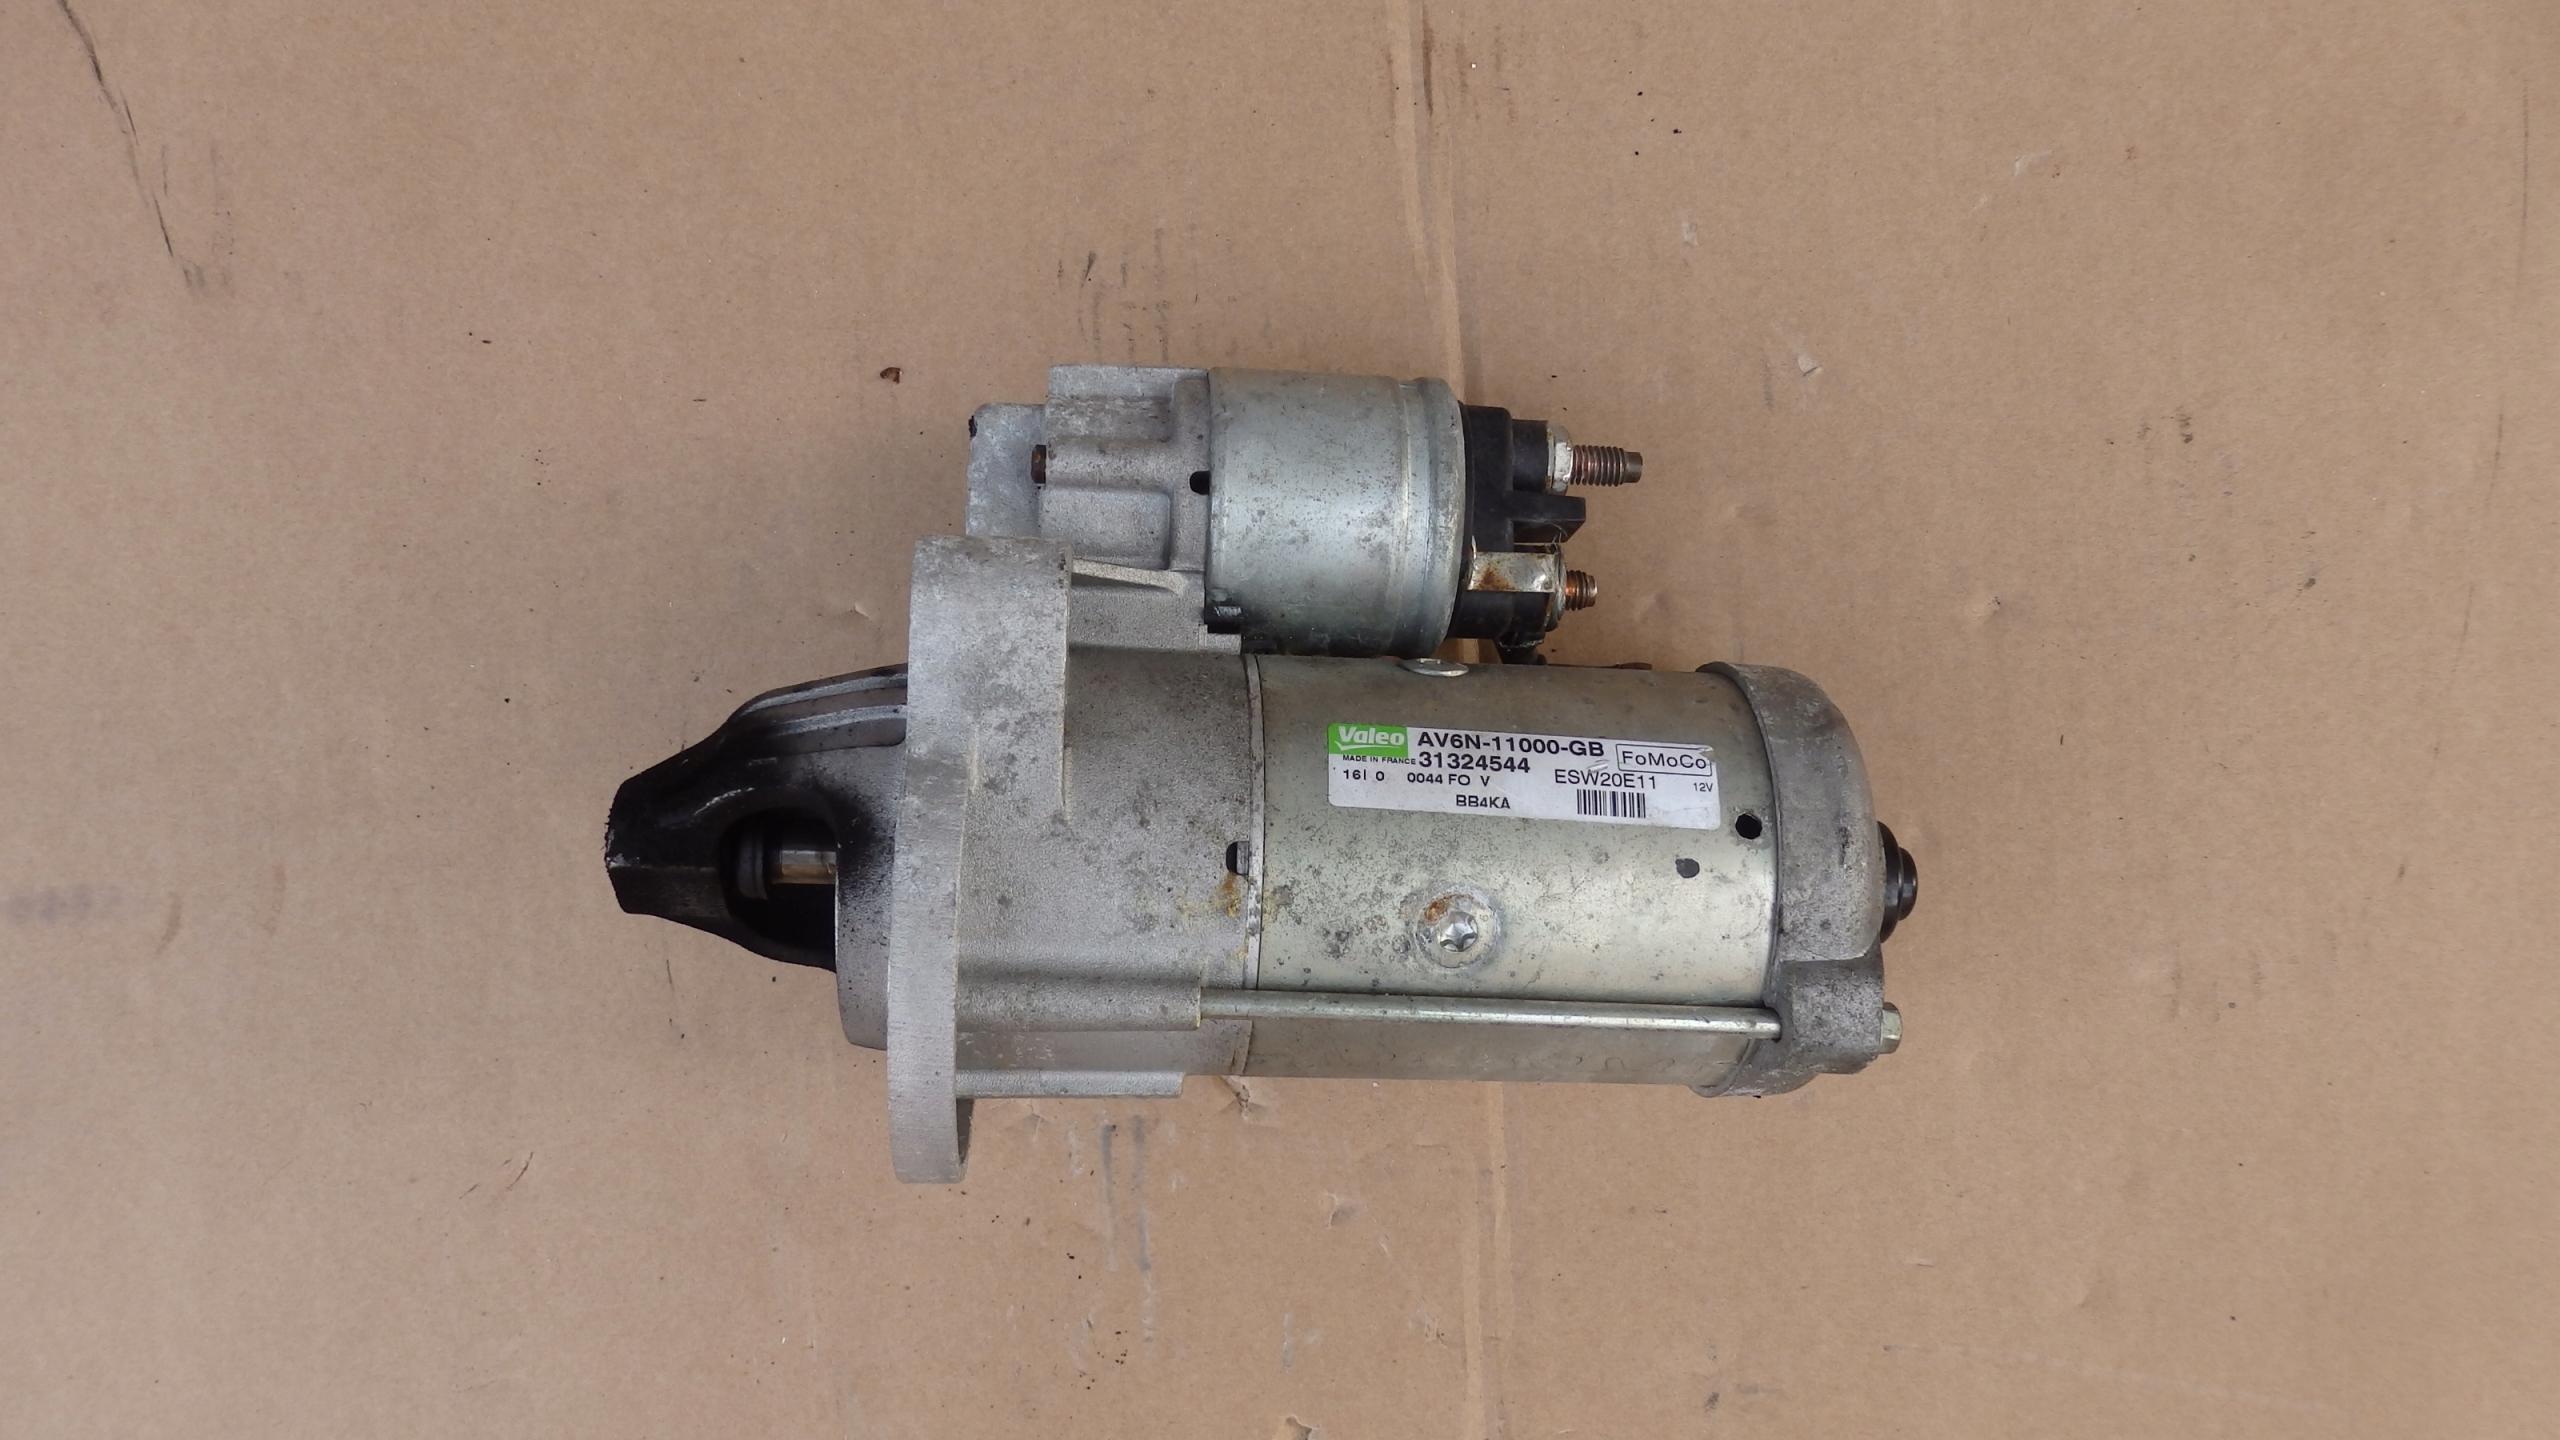 стартер ford mondeo mk5 15 tdci av6n-11000-gb